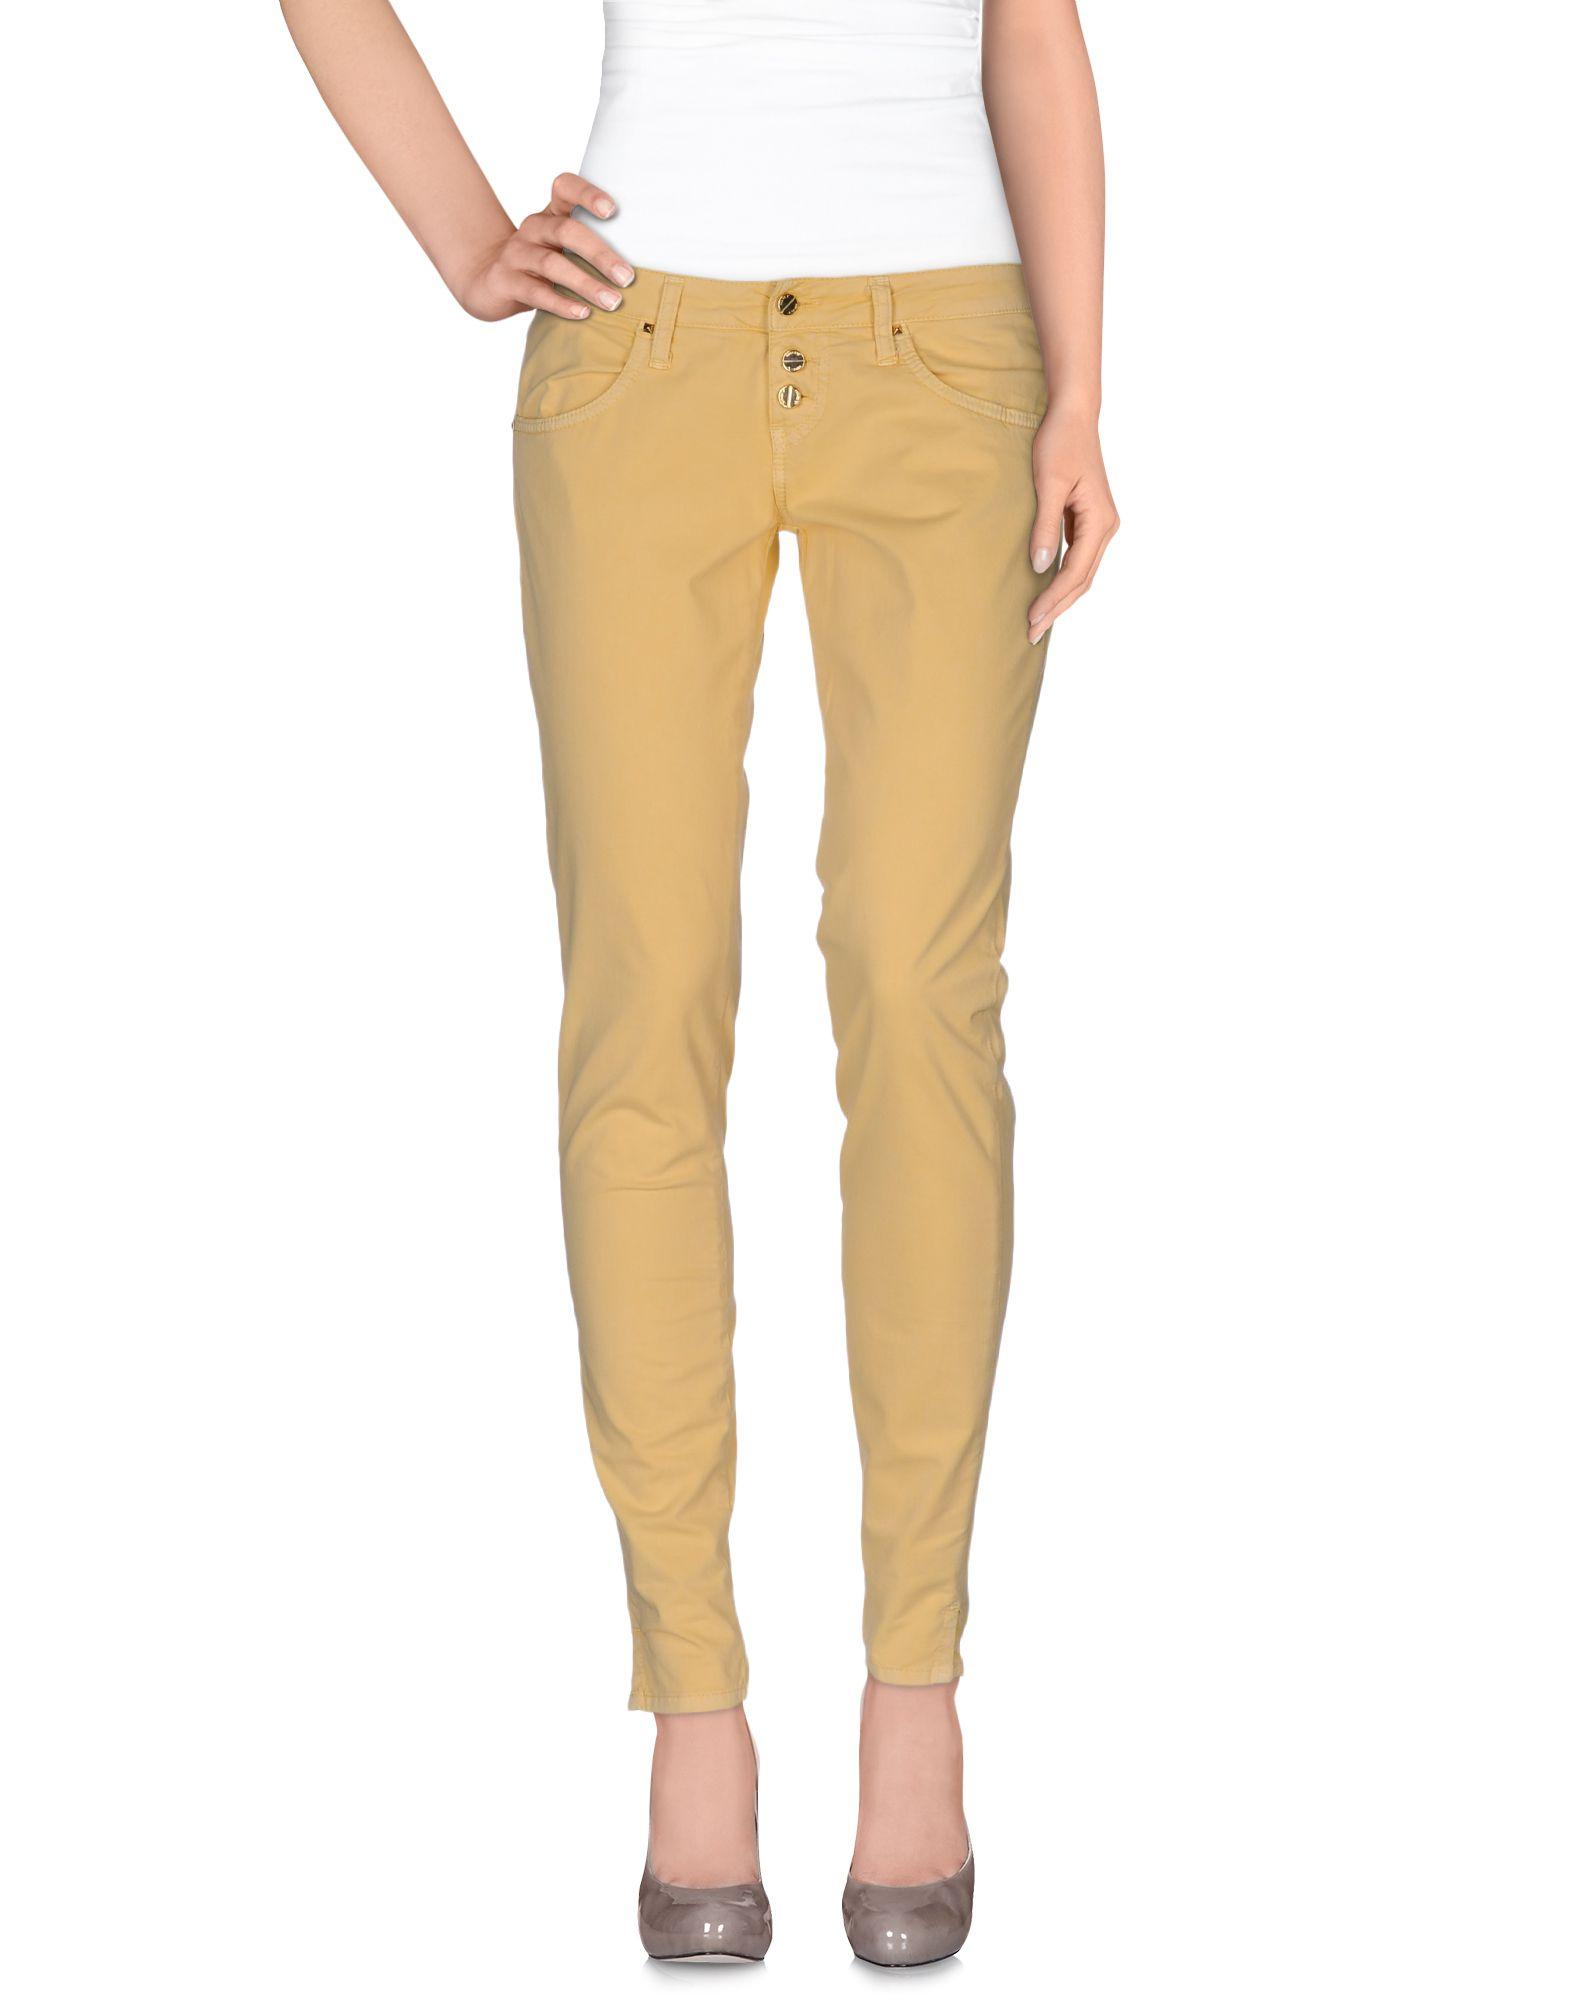 MET in JEANS Повседневные брюки met in jeans толстовка